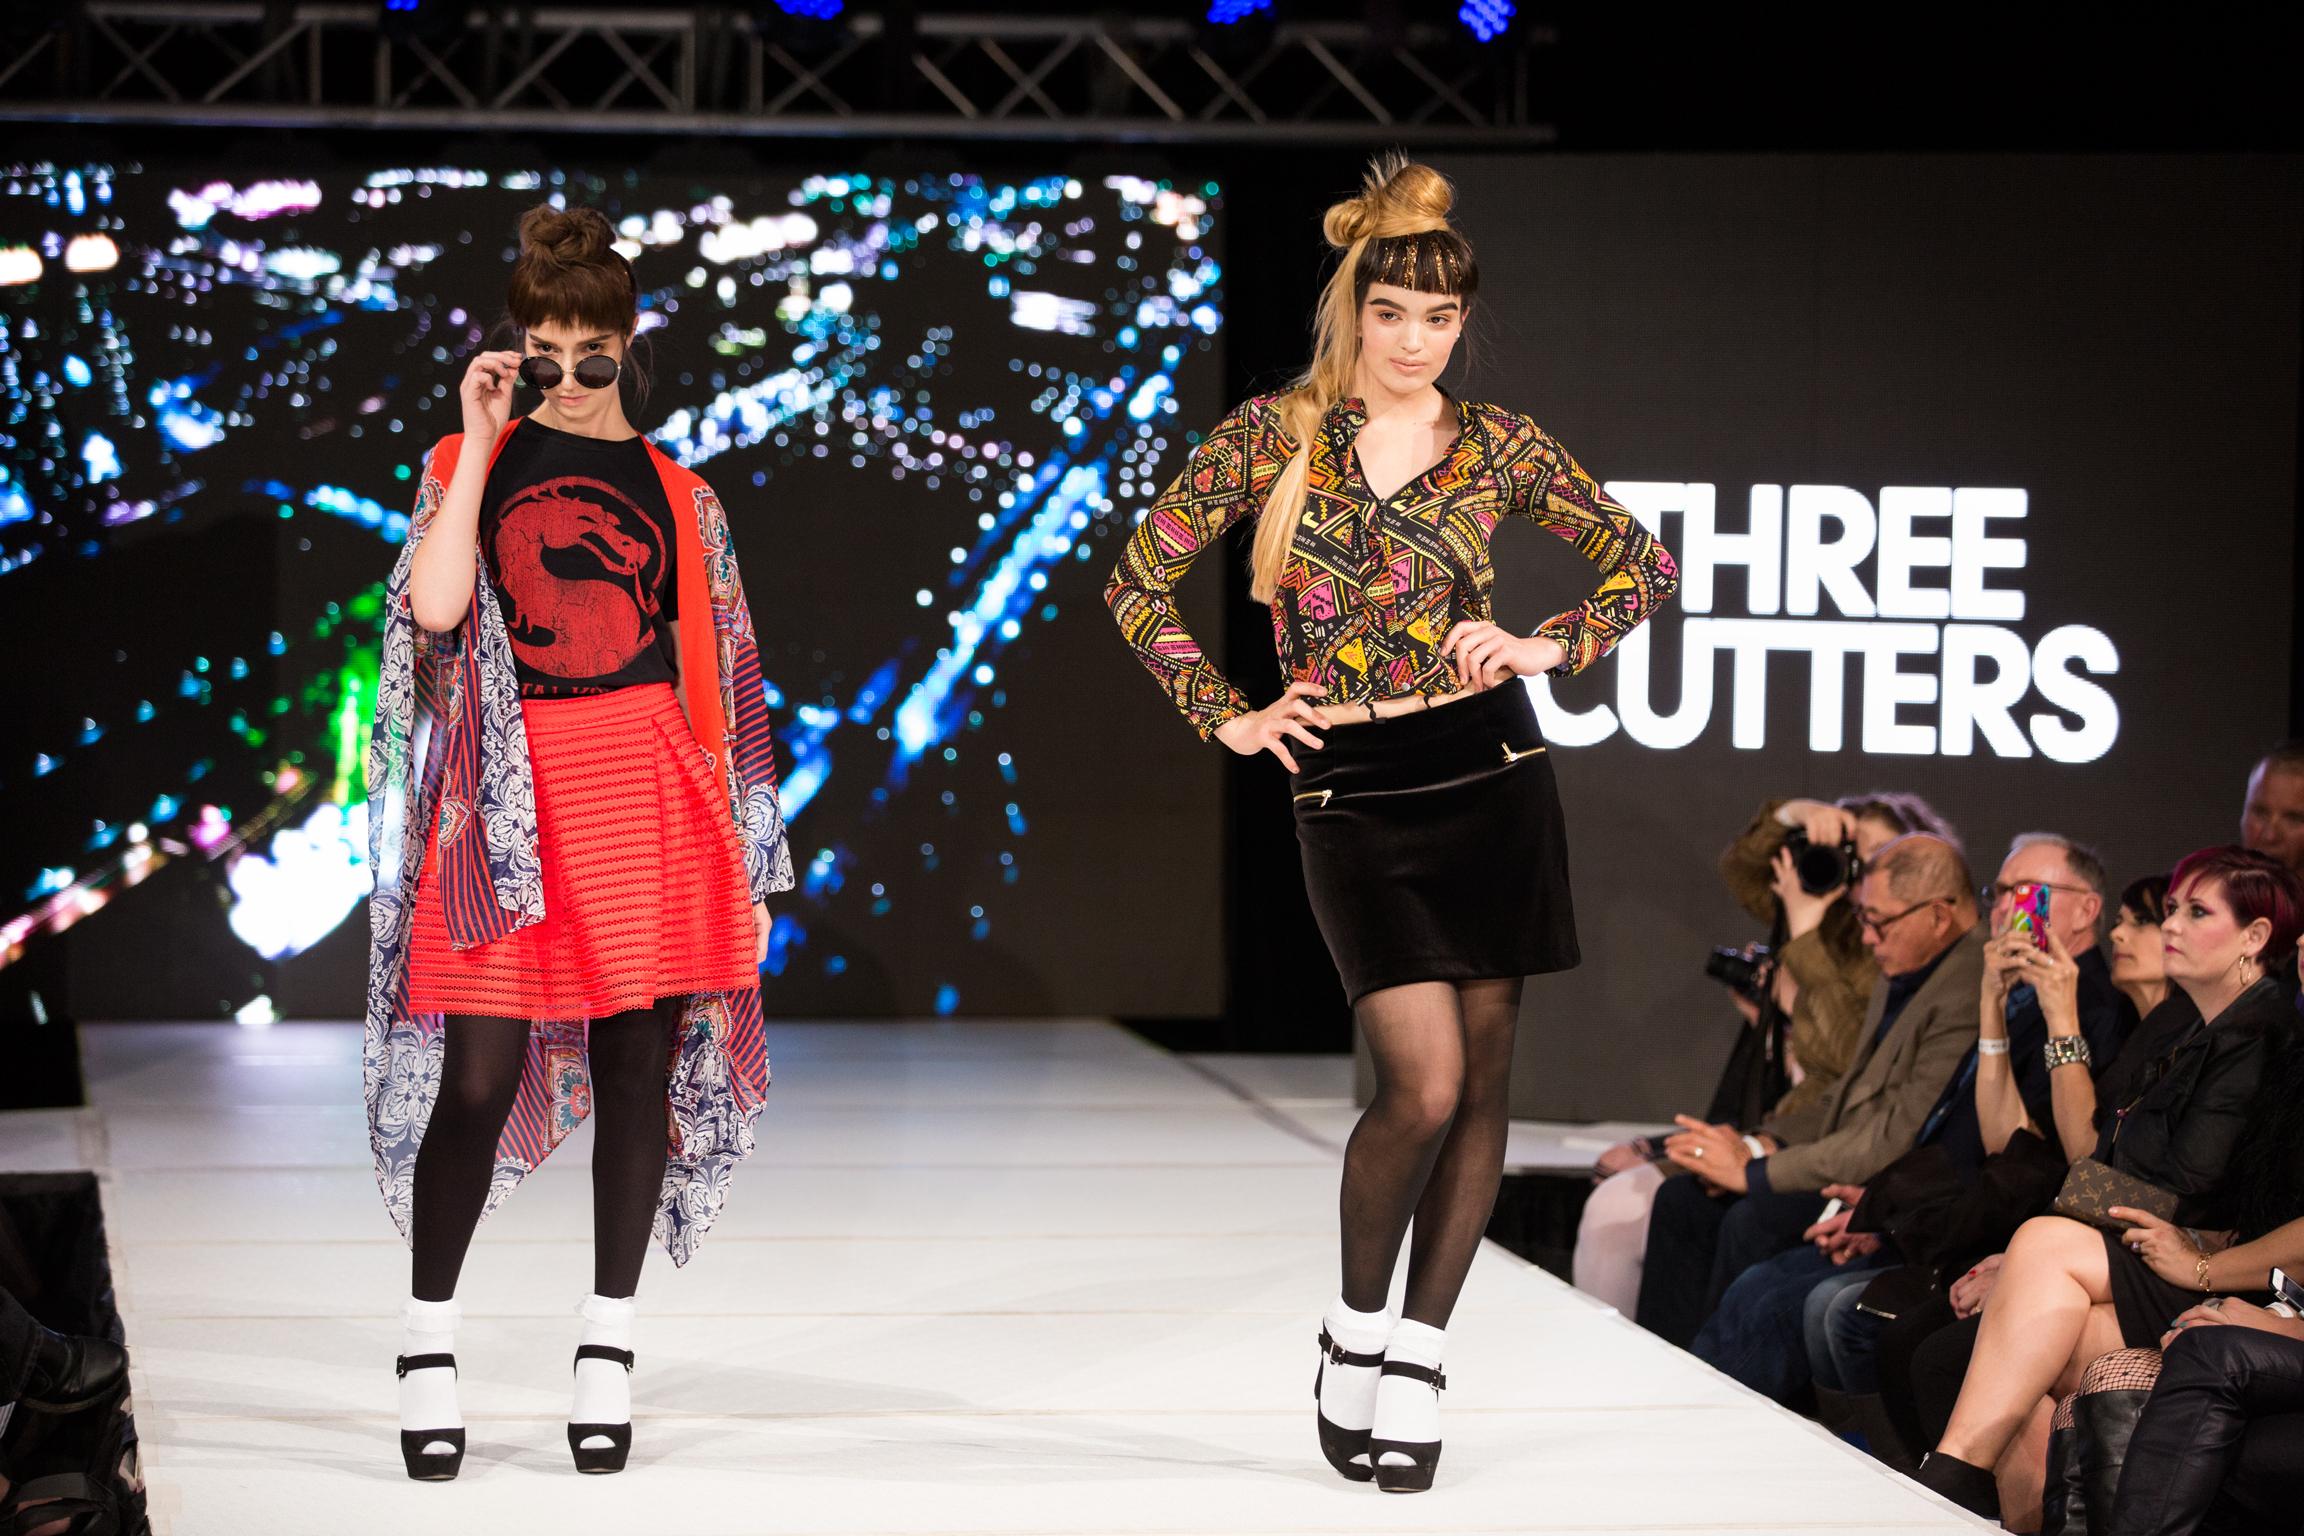 Denver Fashion Week Day 4  Three Cutters - 004.jpg